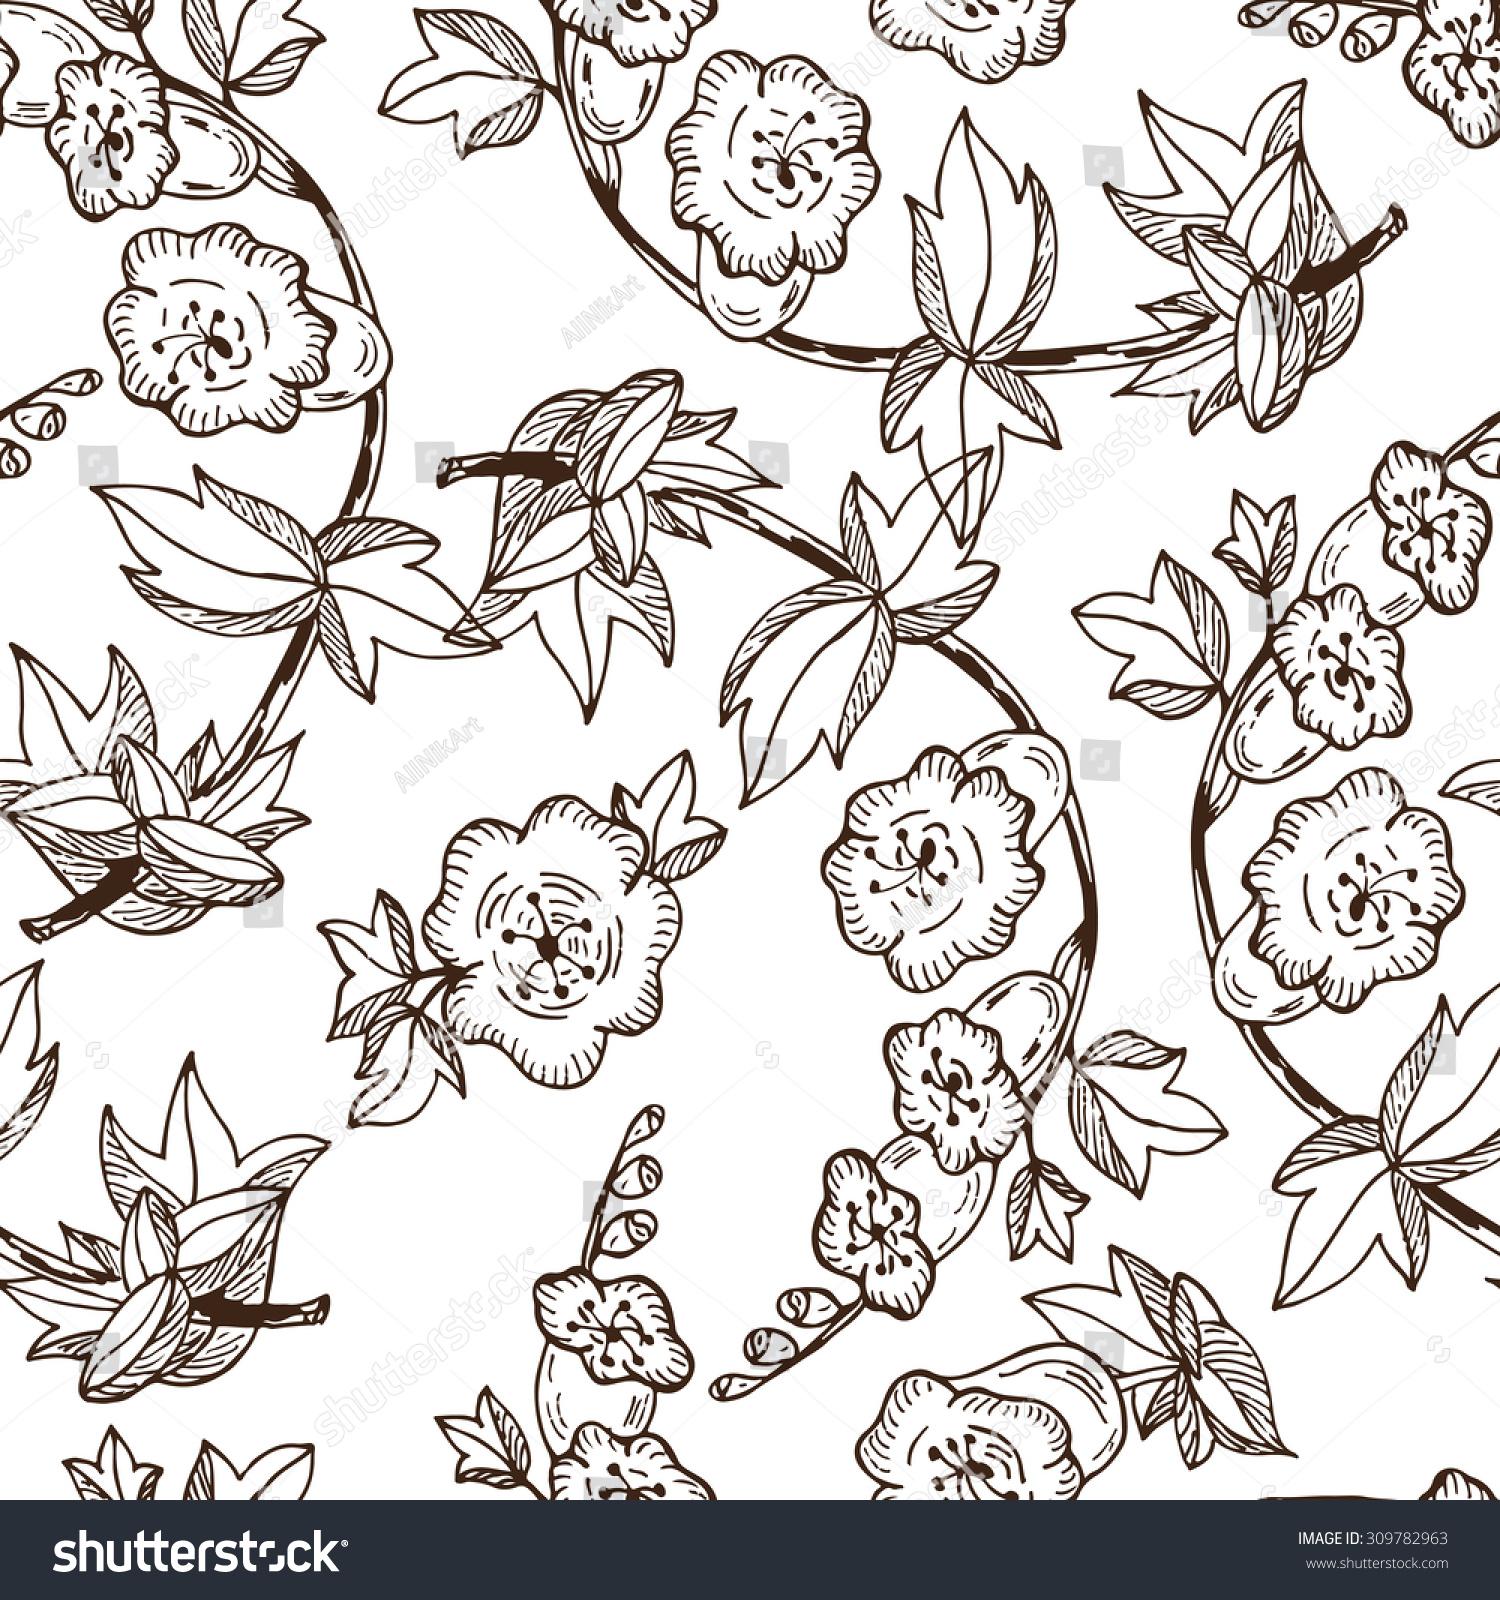 手绘涂鸦的花.向量无缝的花卉图案.-背景/素材